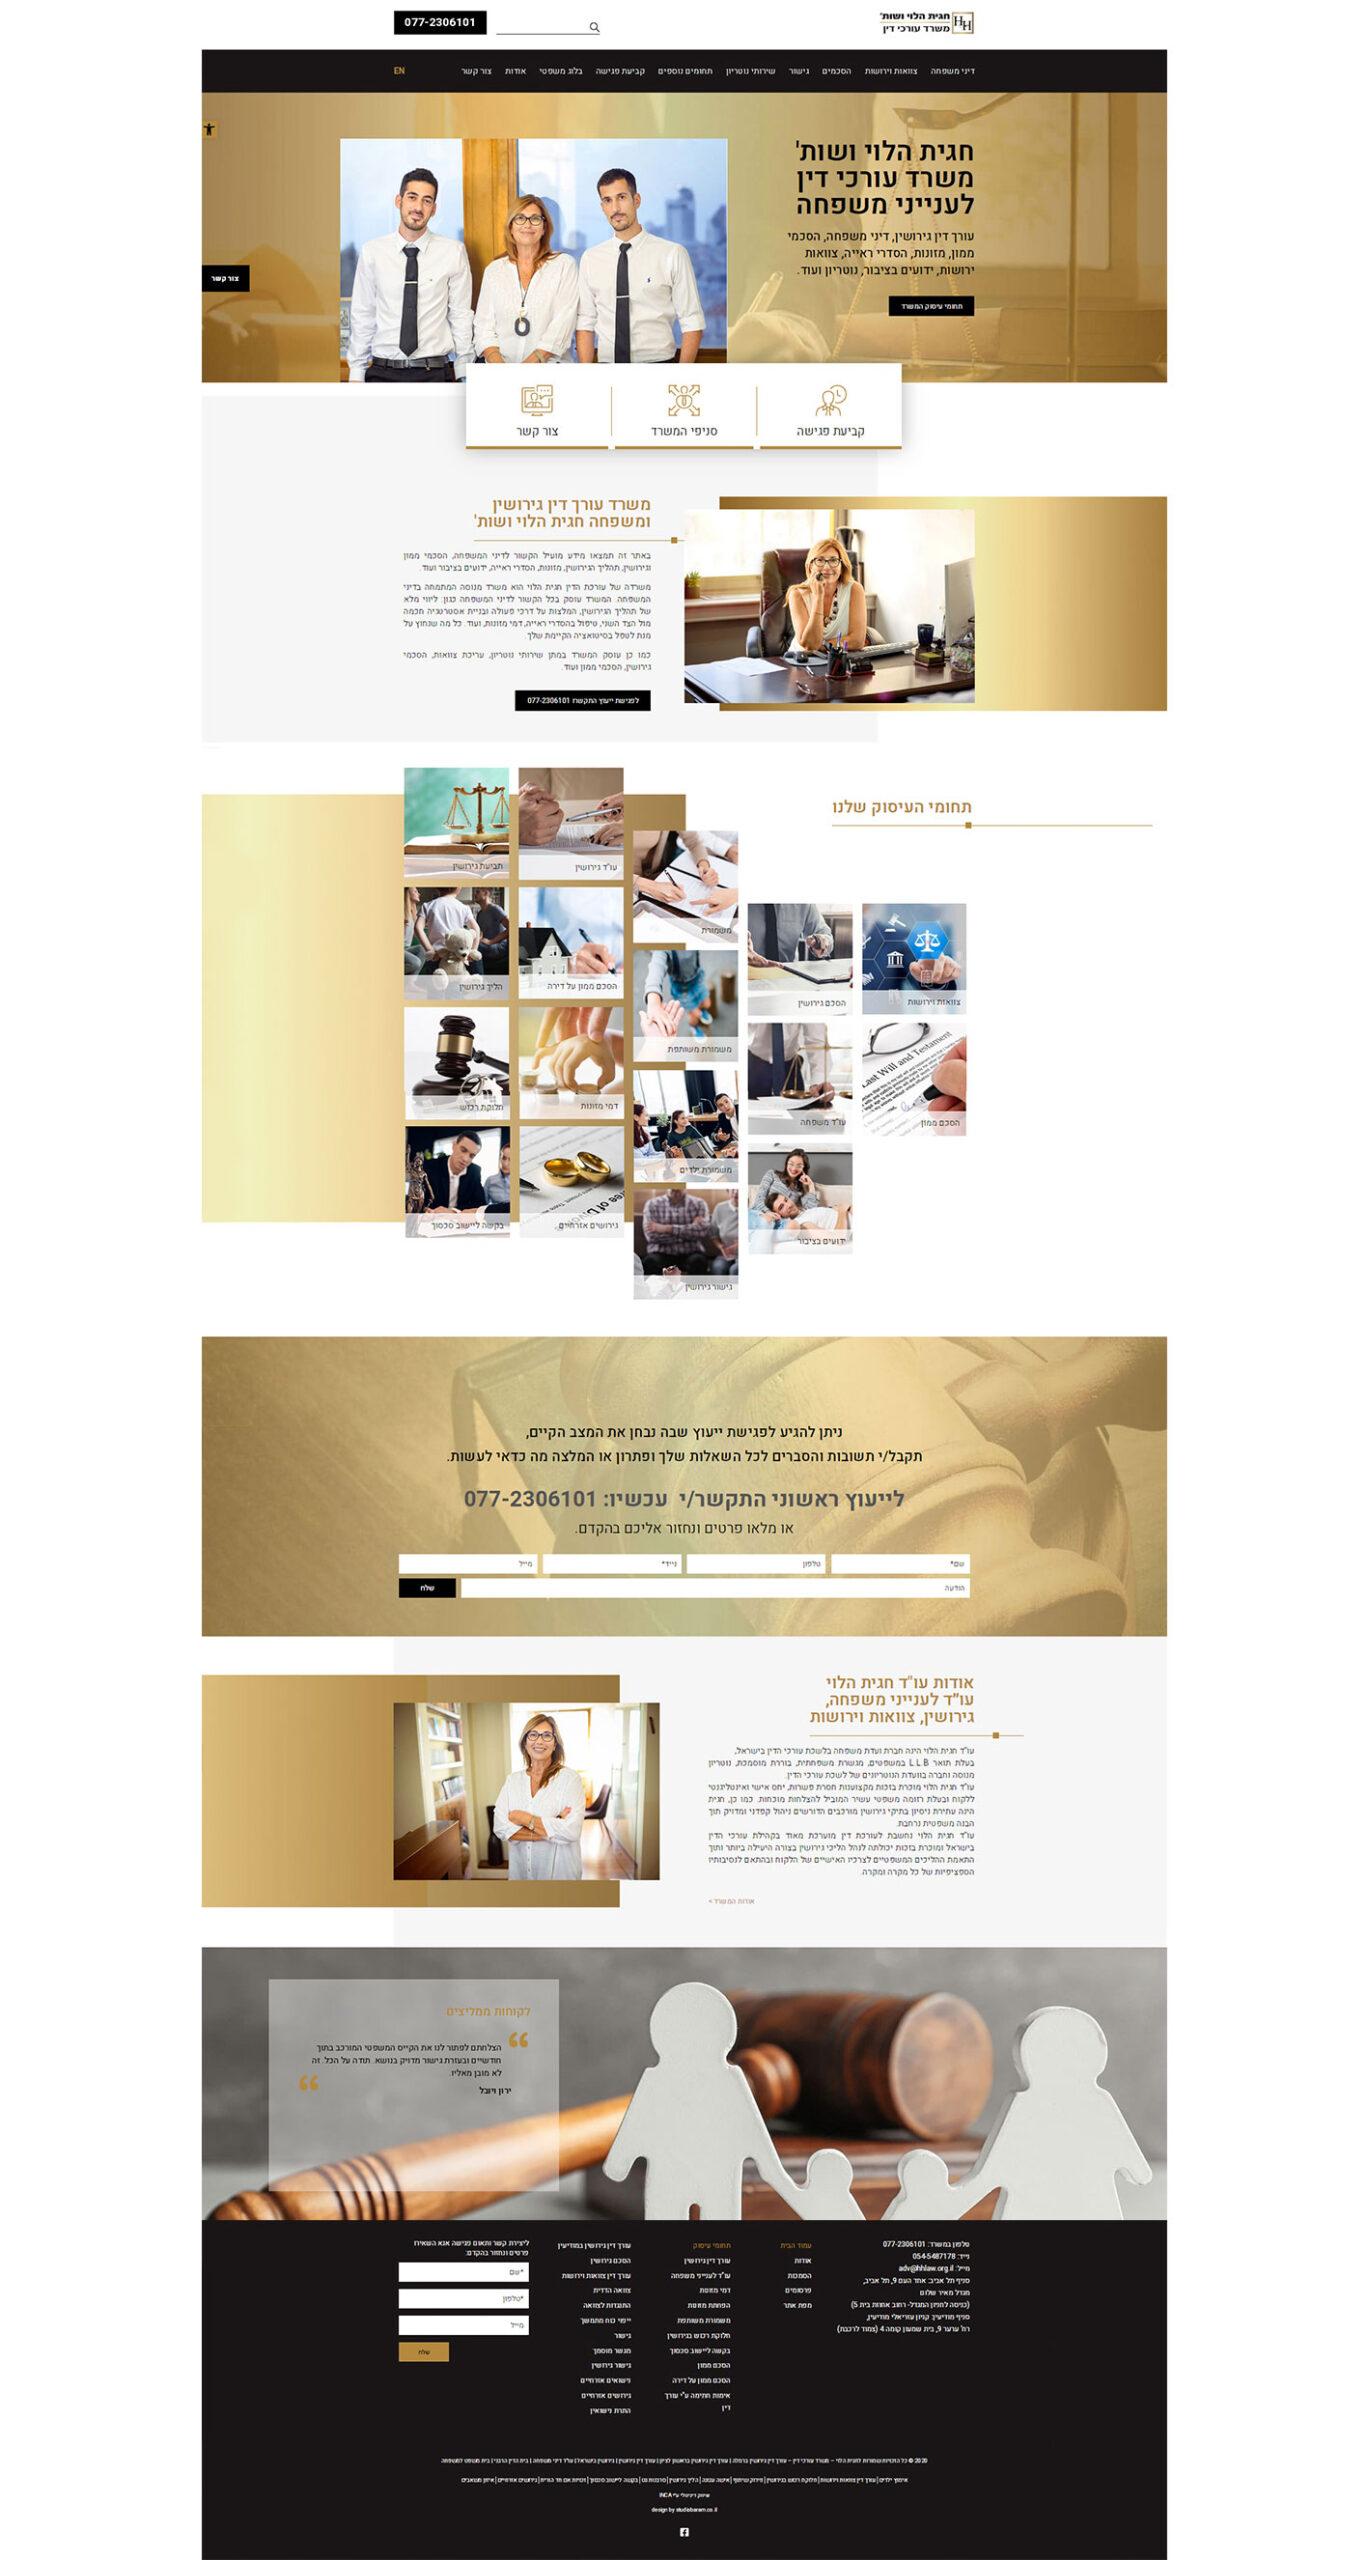 עיצוב דף הבית באתר